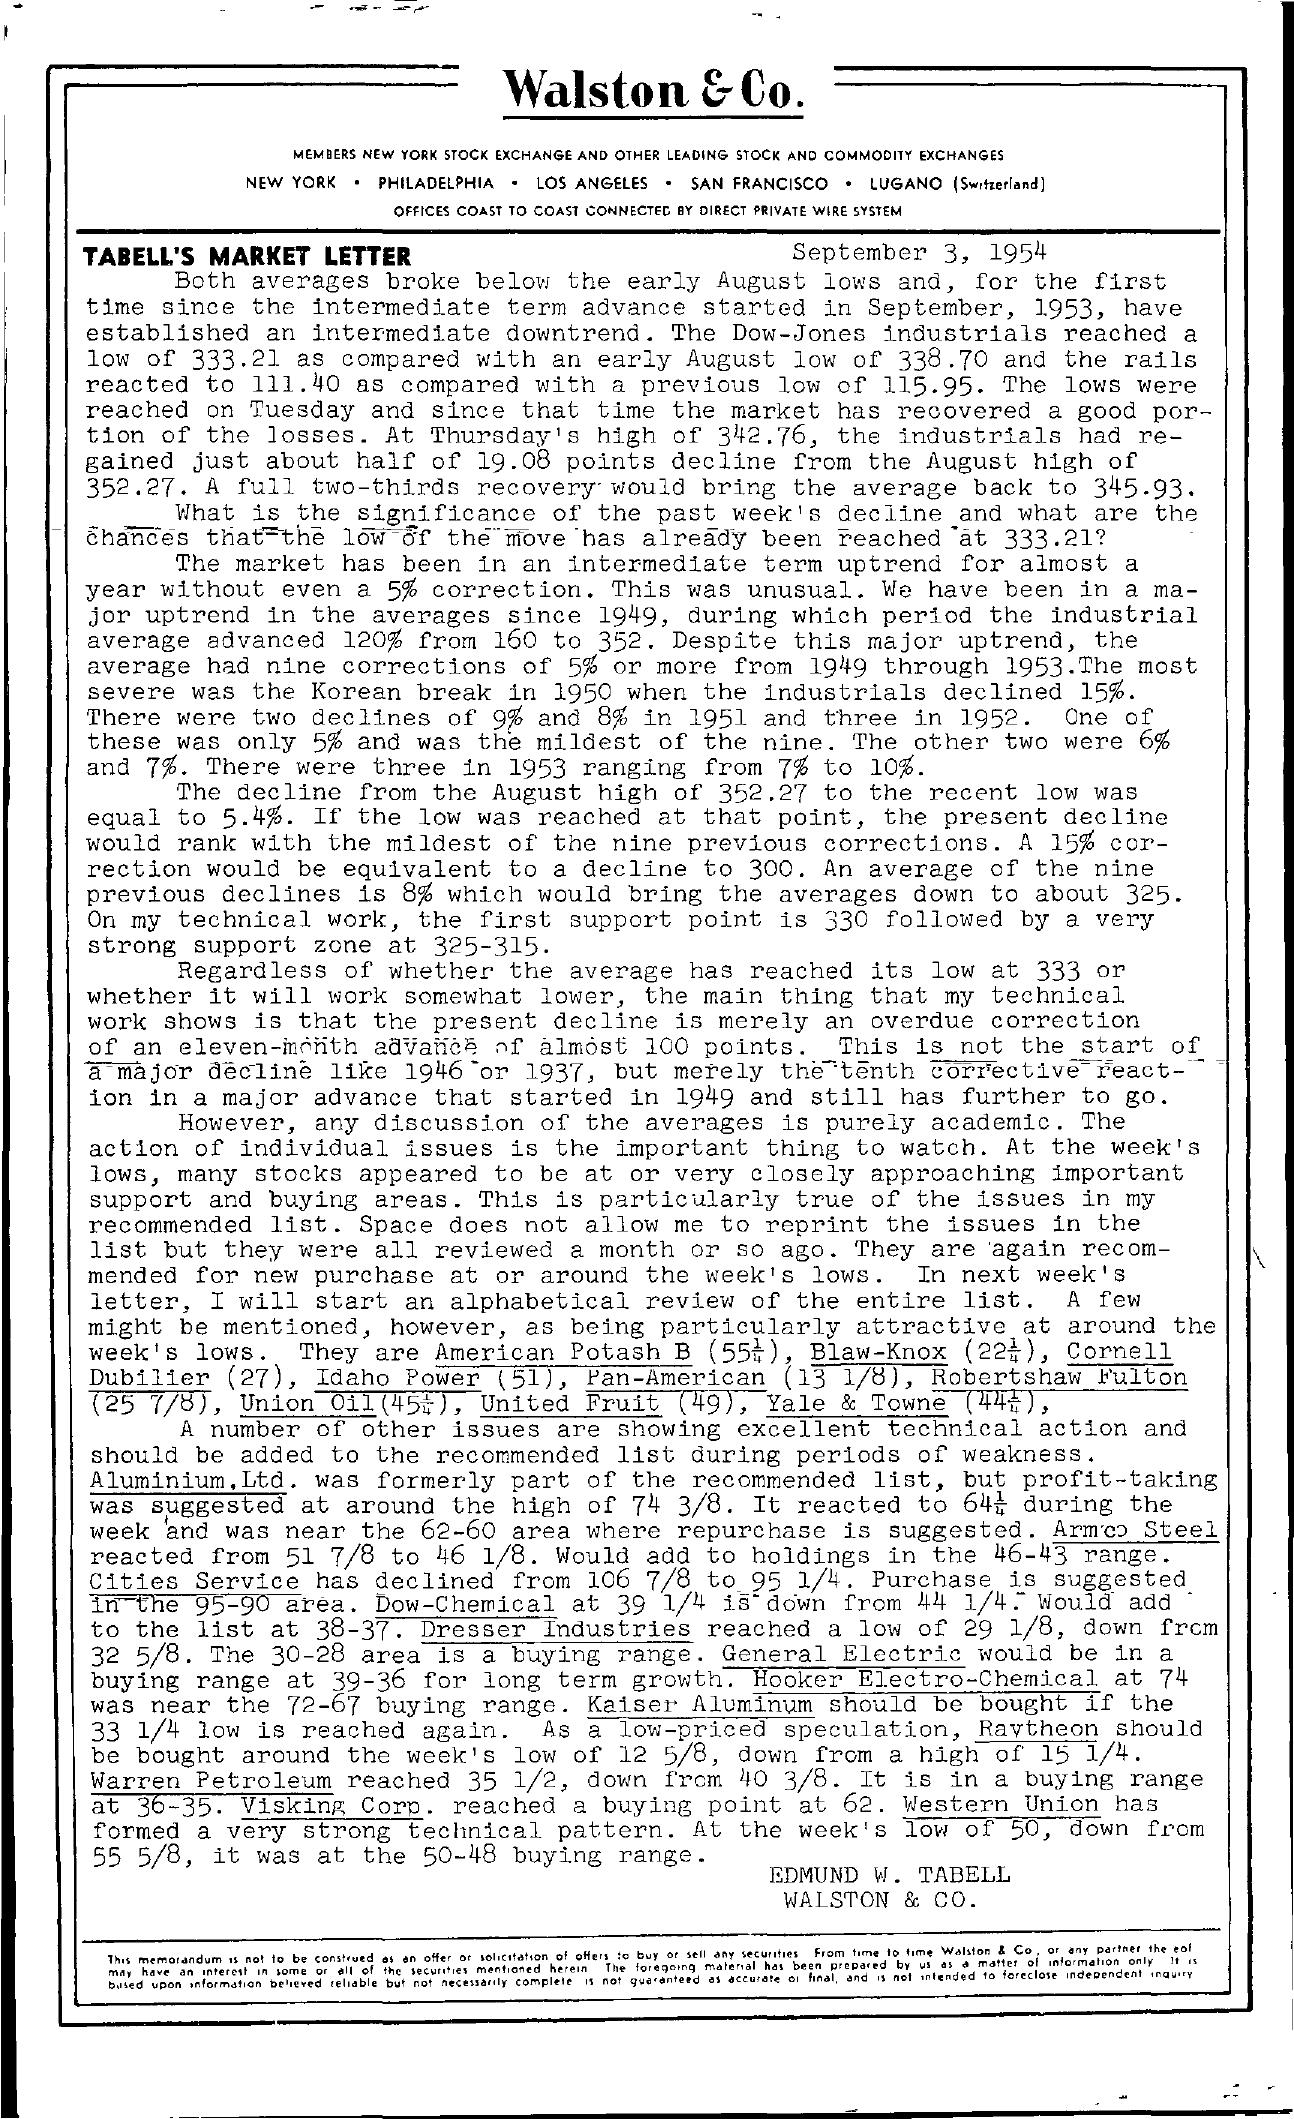 Tabell's Market Letter - September 03, 1954